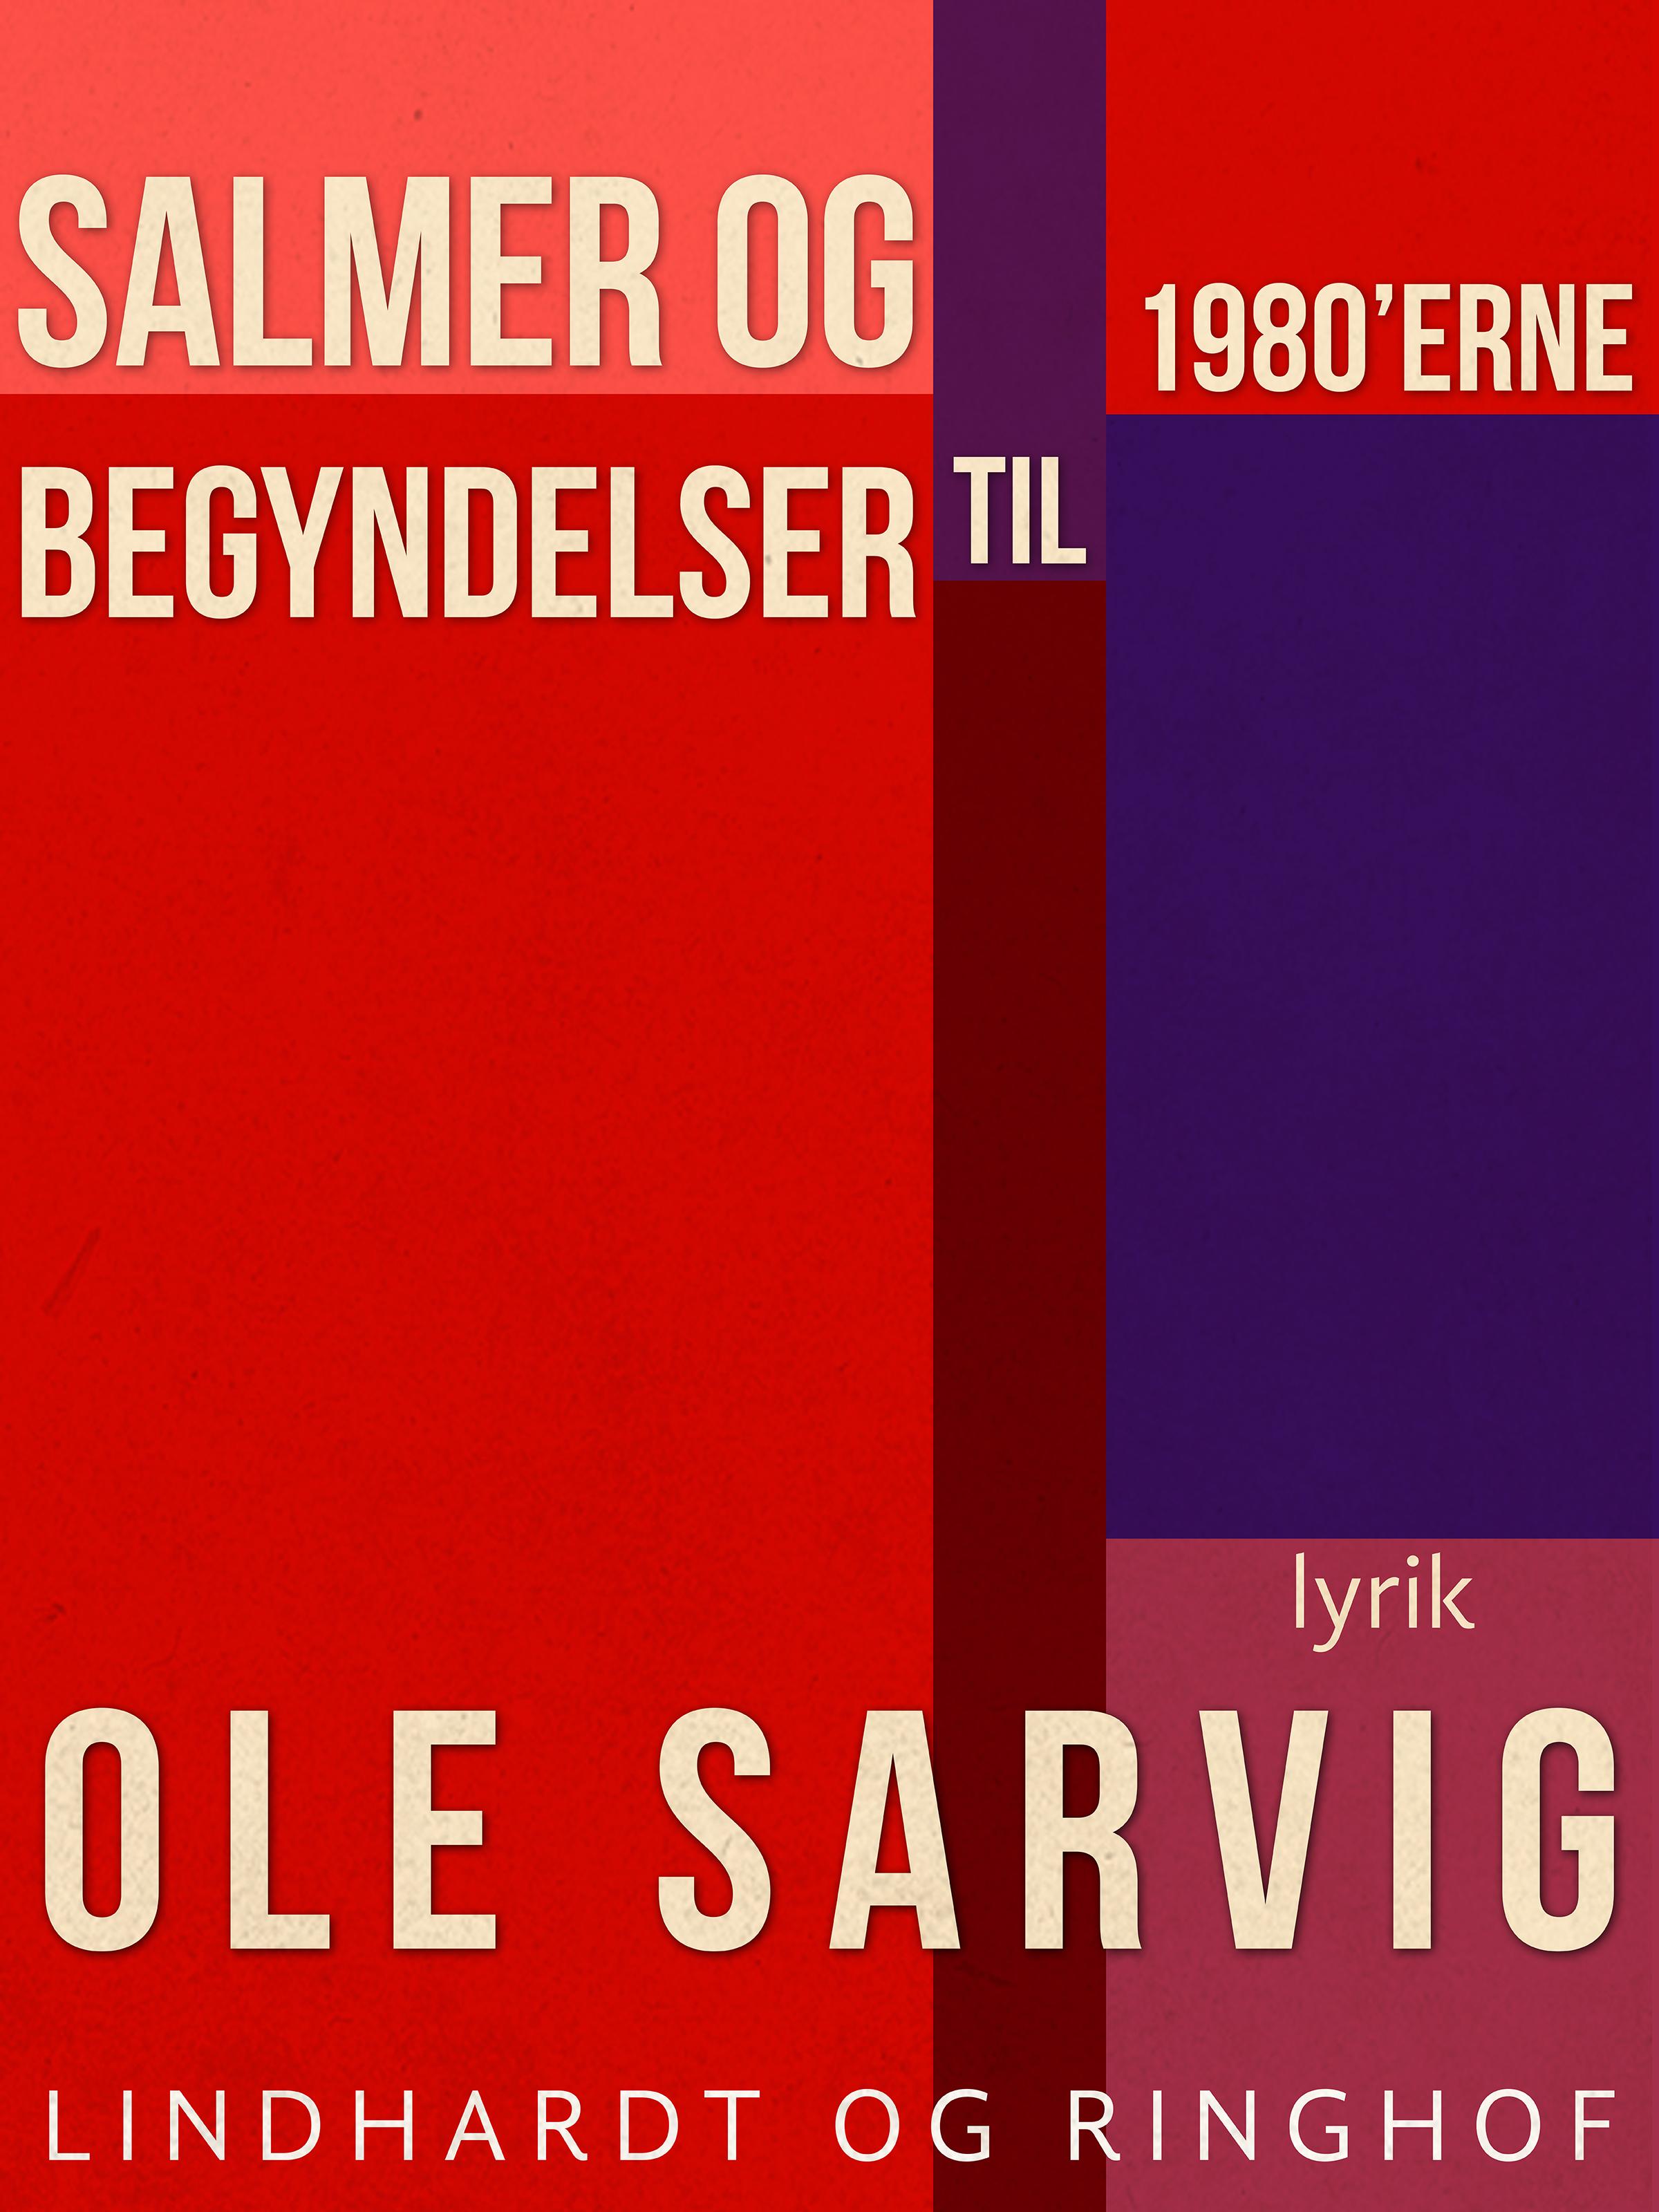 Image of   Salmer og begyndelser til 1980erne - E-bog